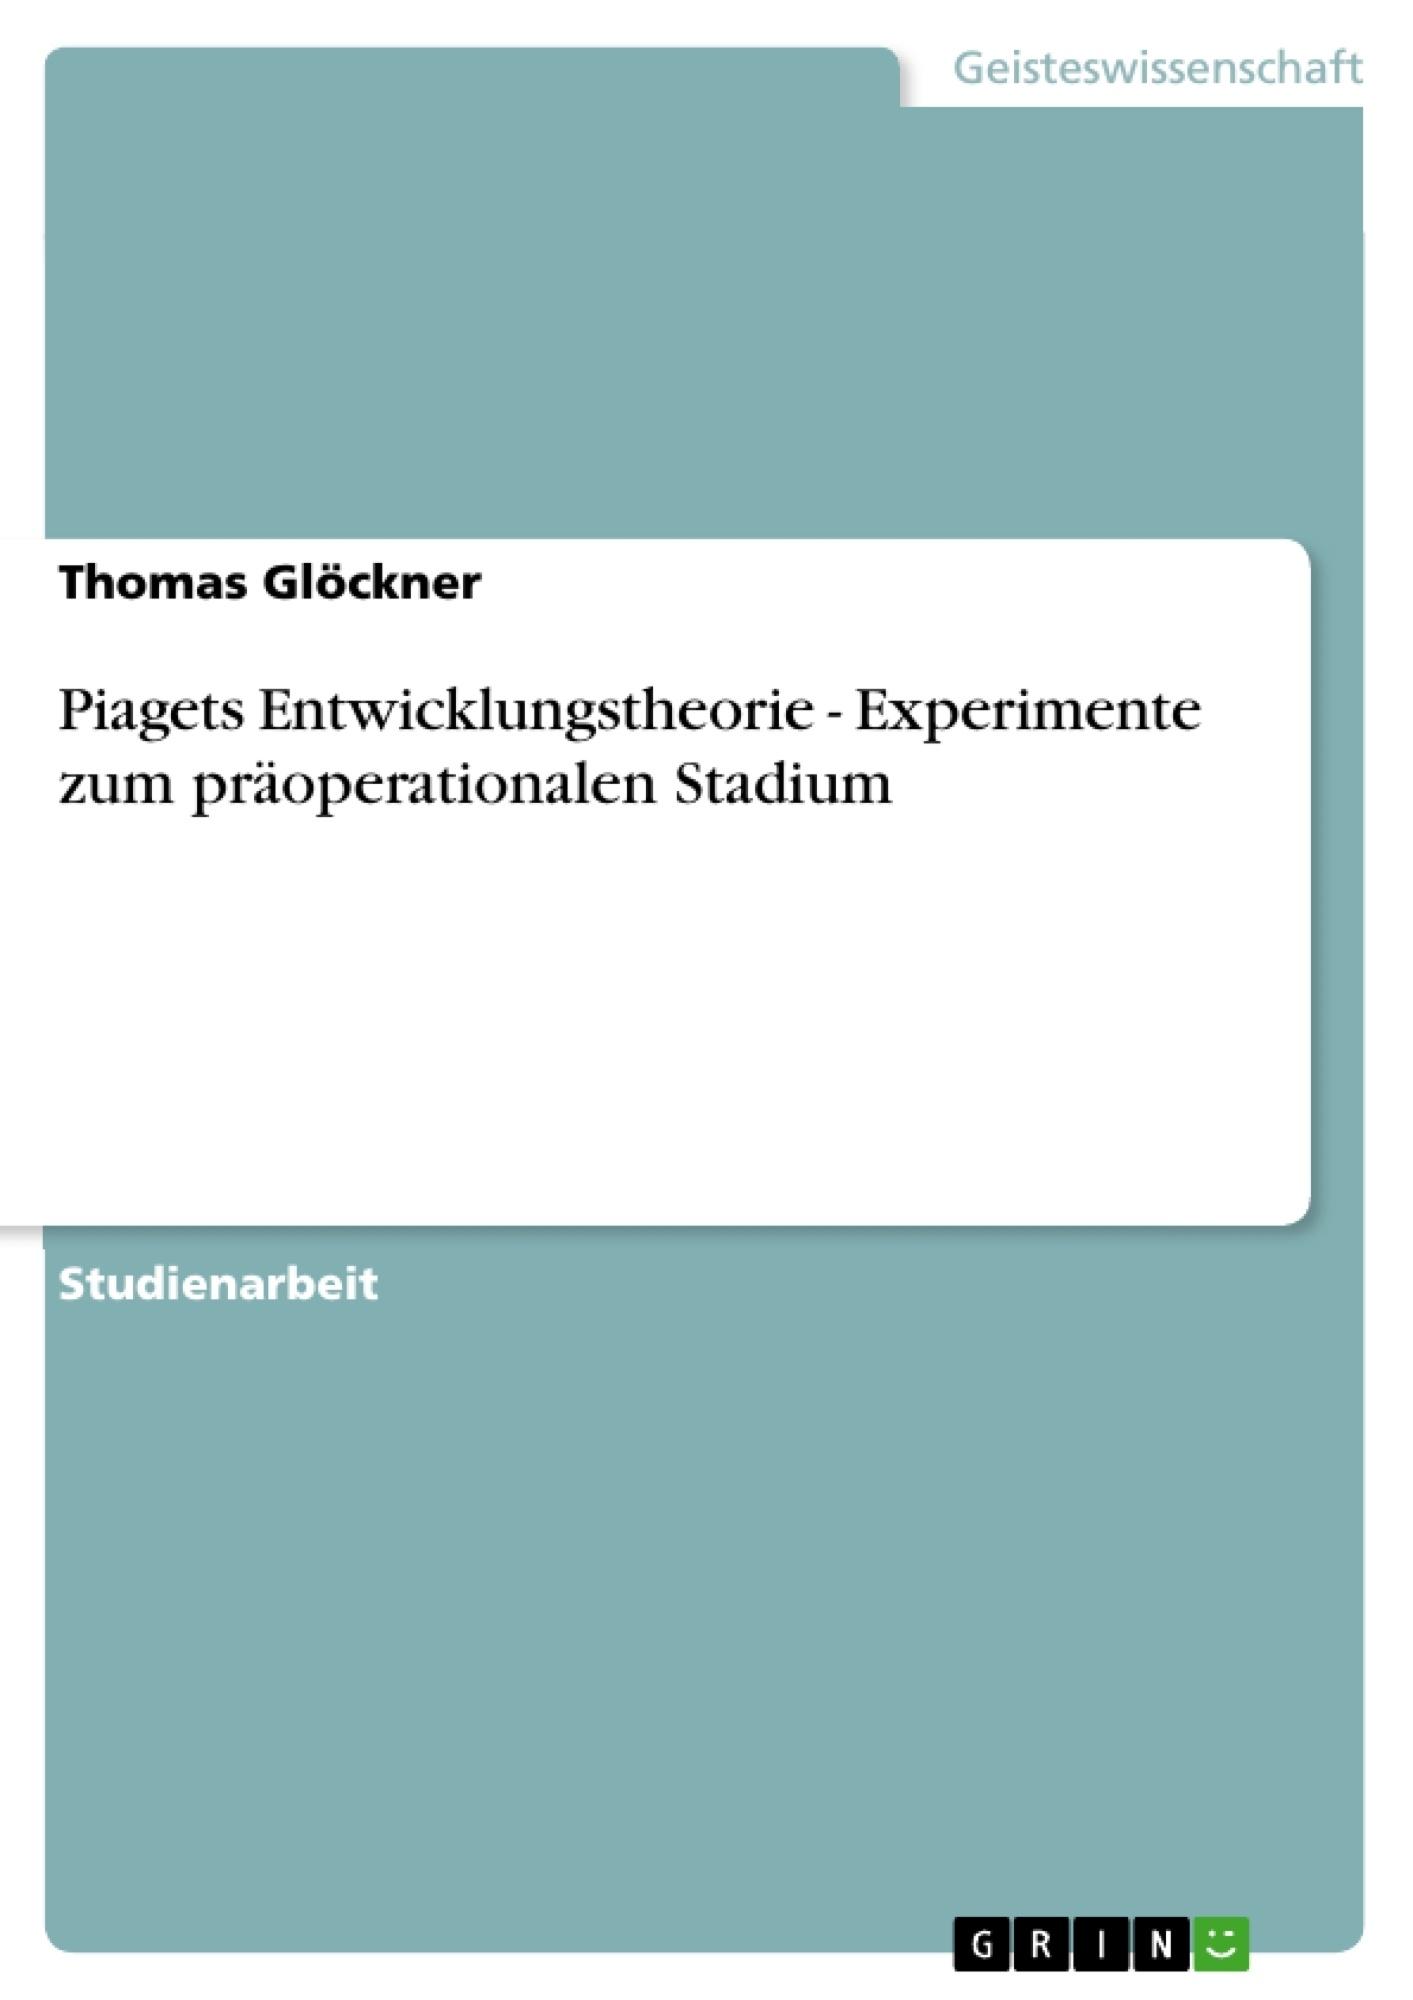 Titel: Piagets Entwicklungstheorie - Experimente zum präoperationalen Stadium